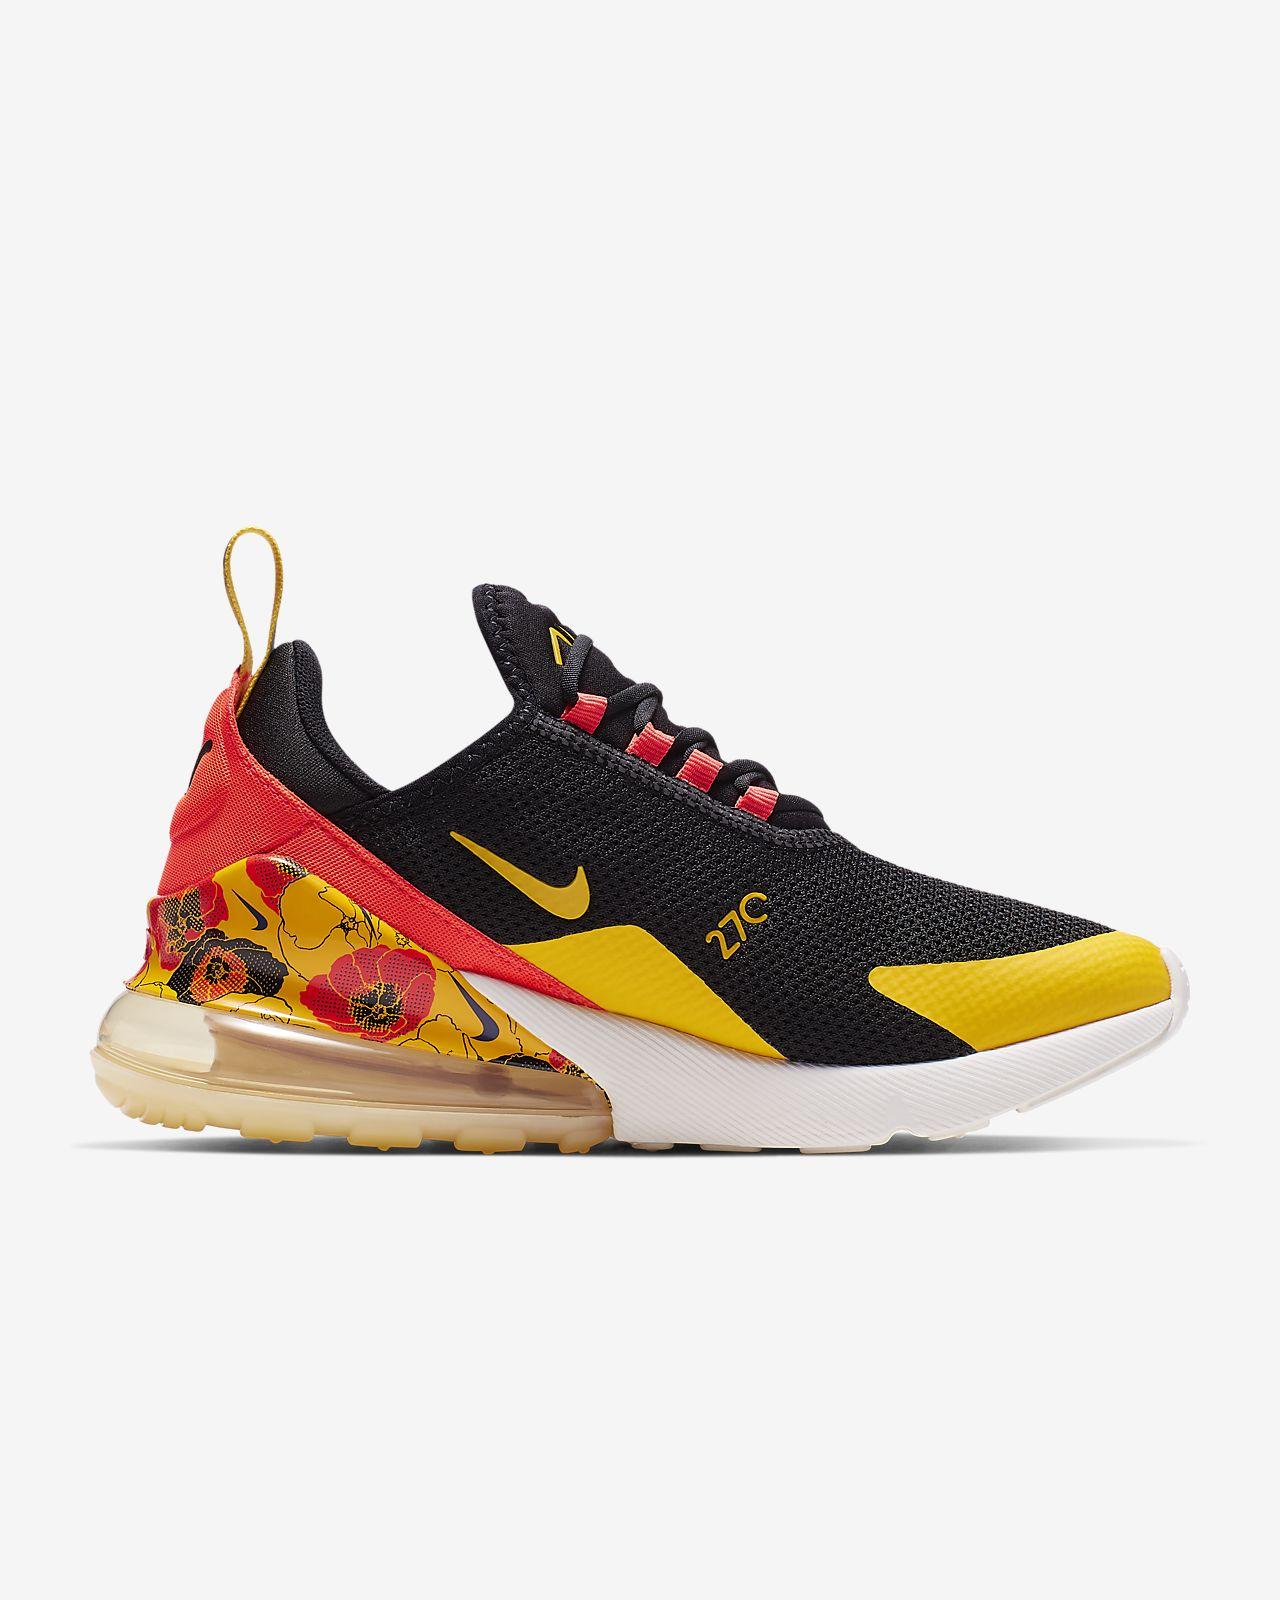 the latest 251c1 14cec ... Nike Air Max 270 SE Floral Women s Shoe